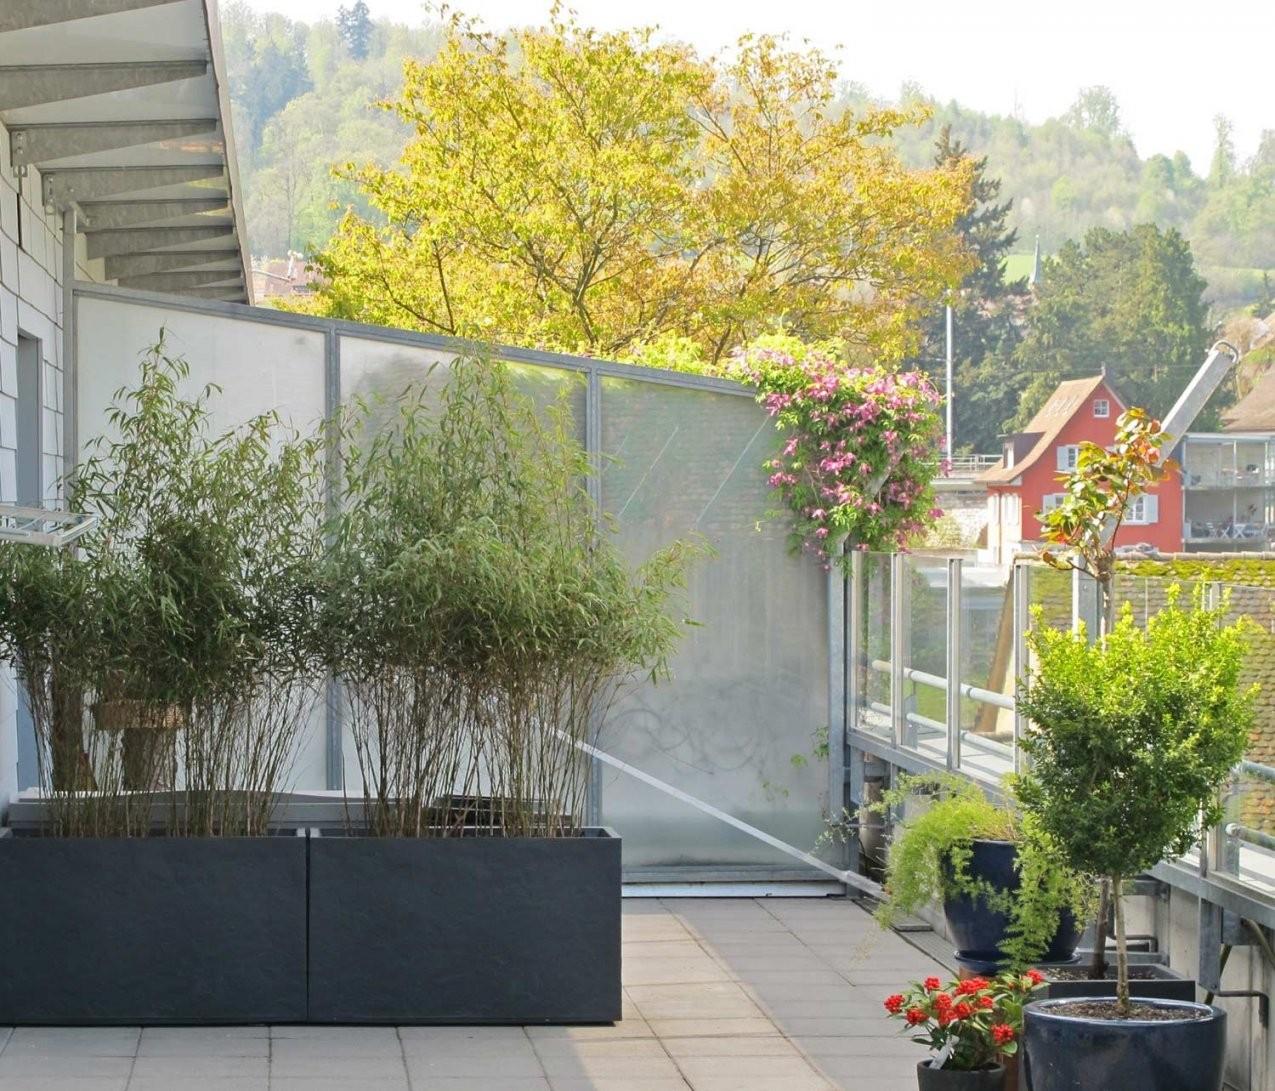 Bambus Als Sichtschutz Für Terasse Und Balkon Ist Einzigartig von Pflanzen Als Sichtschutz Terrasse Bild